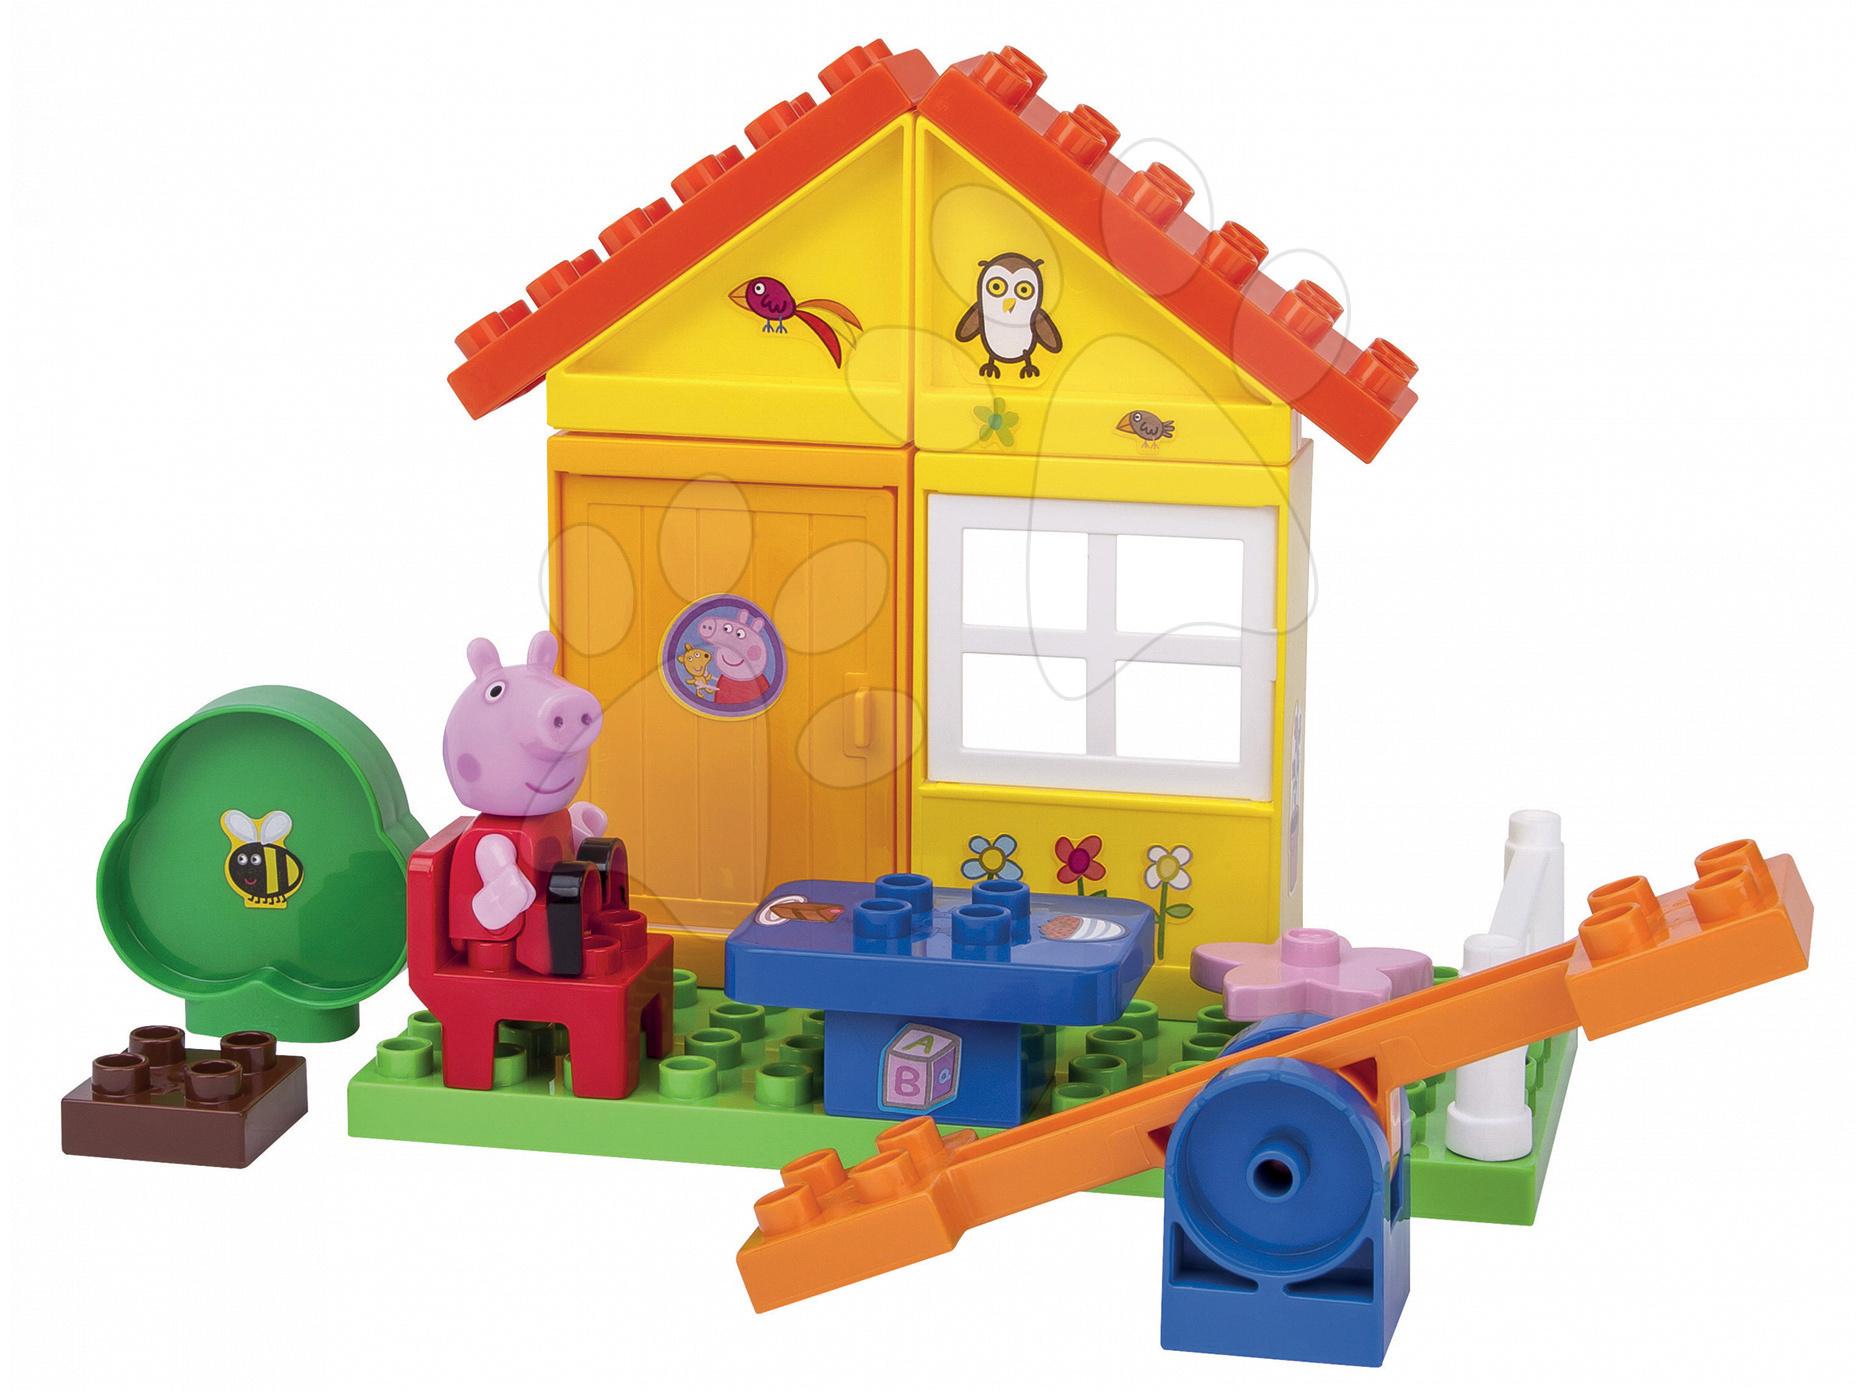 Stavebnica Peppa Pig v záhradke PlayBIG Bloxx BIG s 1 figúrkou 29 dielov od 1,5-5 rokov